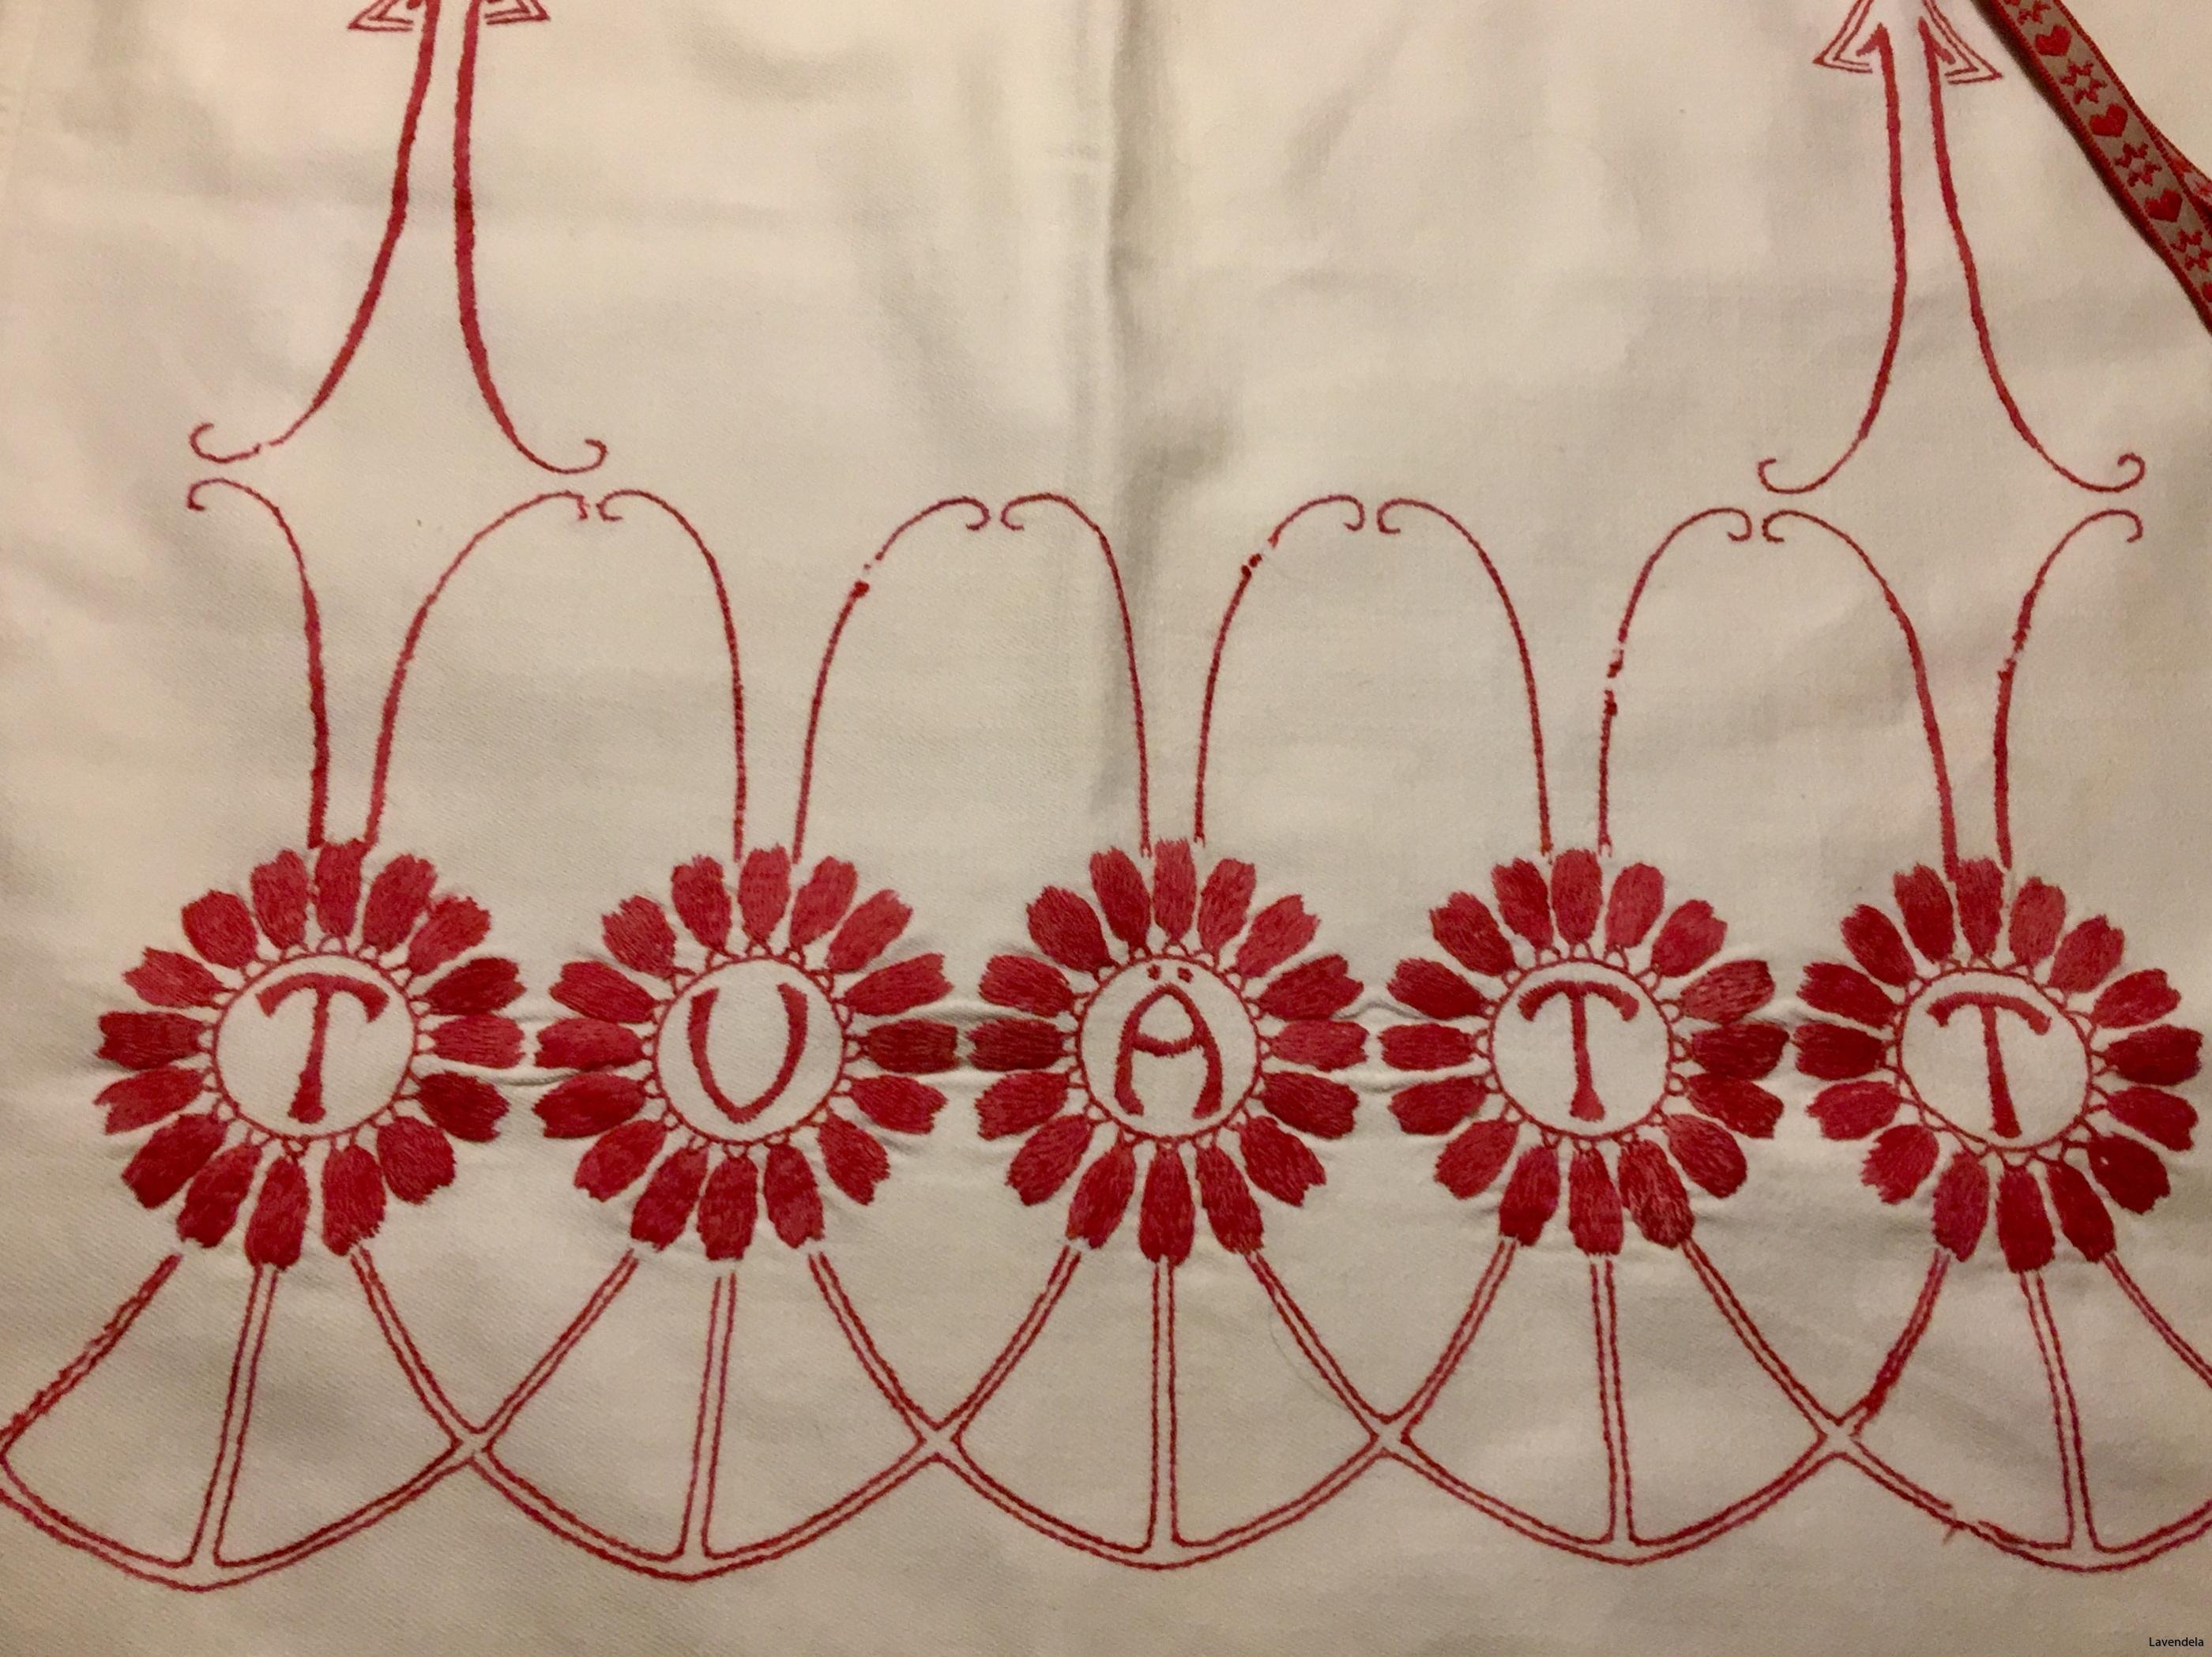 Broderad i rött och vitt